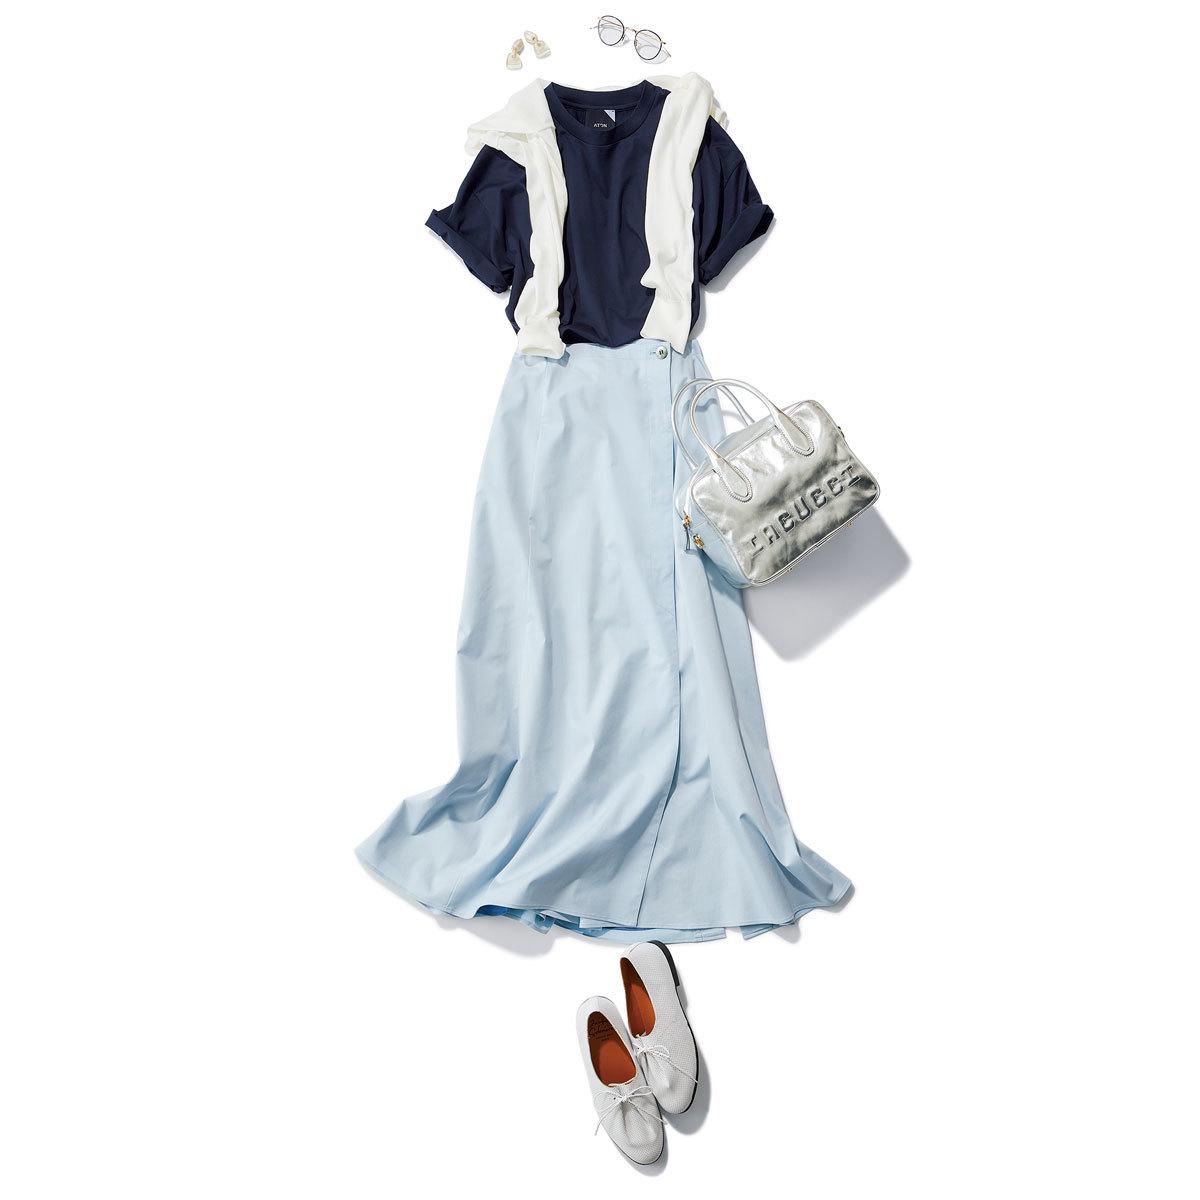 ネイビーTシャツ×水色ロングスカートのフェミニンファッションコーデ